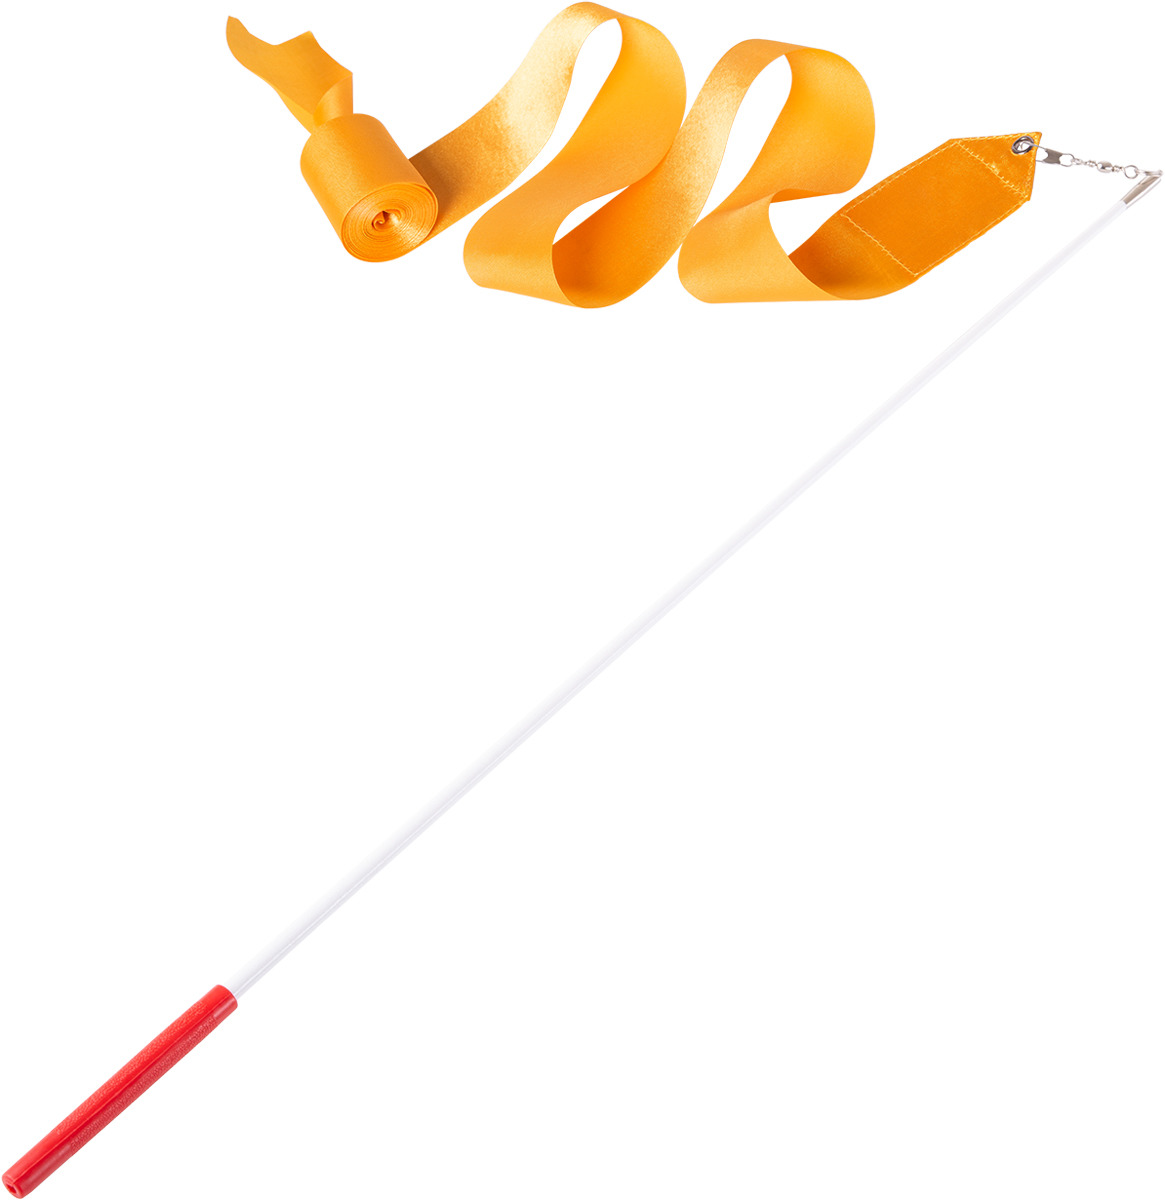 Лента для художественной гимнастики Amely AGR-201, длина 4 м, с палочкой 46 см, цвет: оранжевый лонгслив для гимнастики малыши